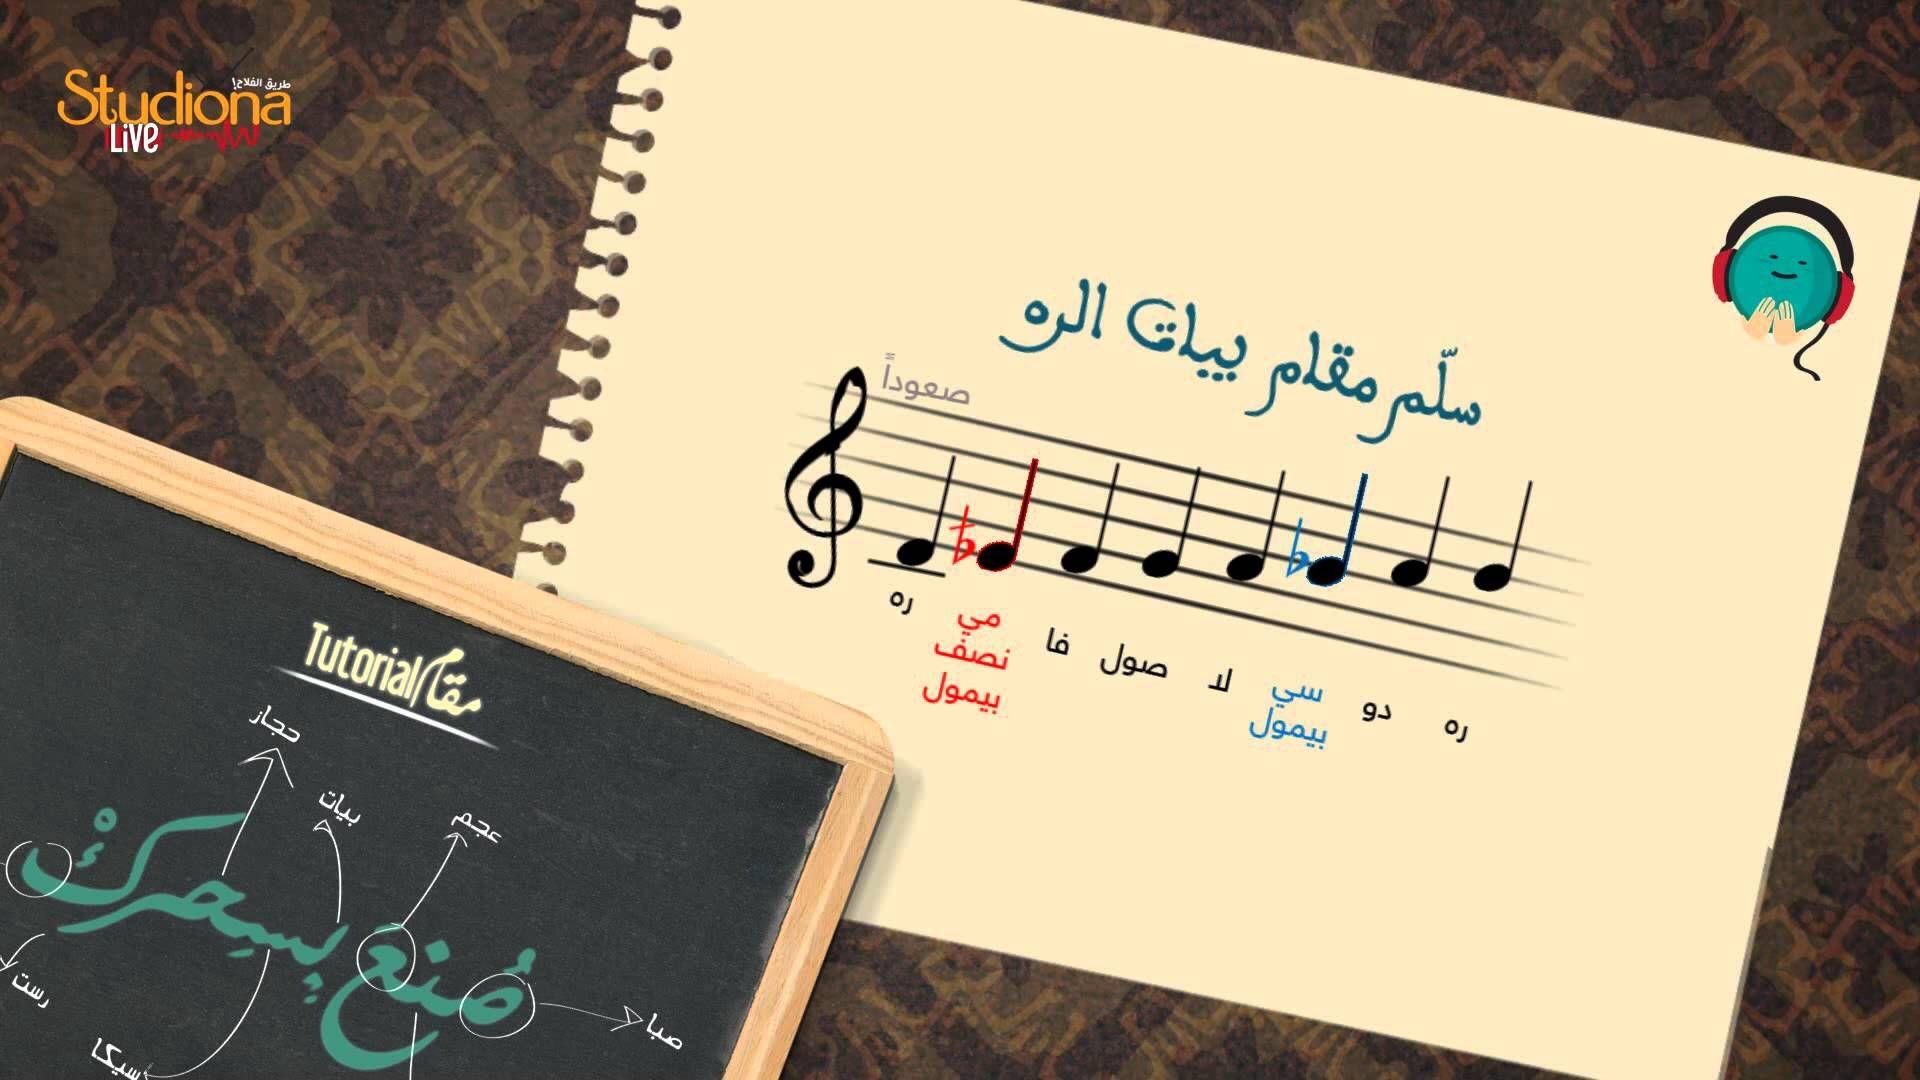 تعلم المقامات الموسيقية العربية في 7 دقائق بالصوت والصورة Pdf Books Projects To Try Projects